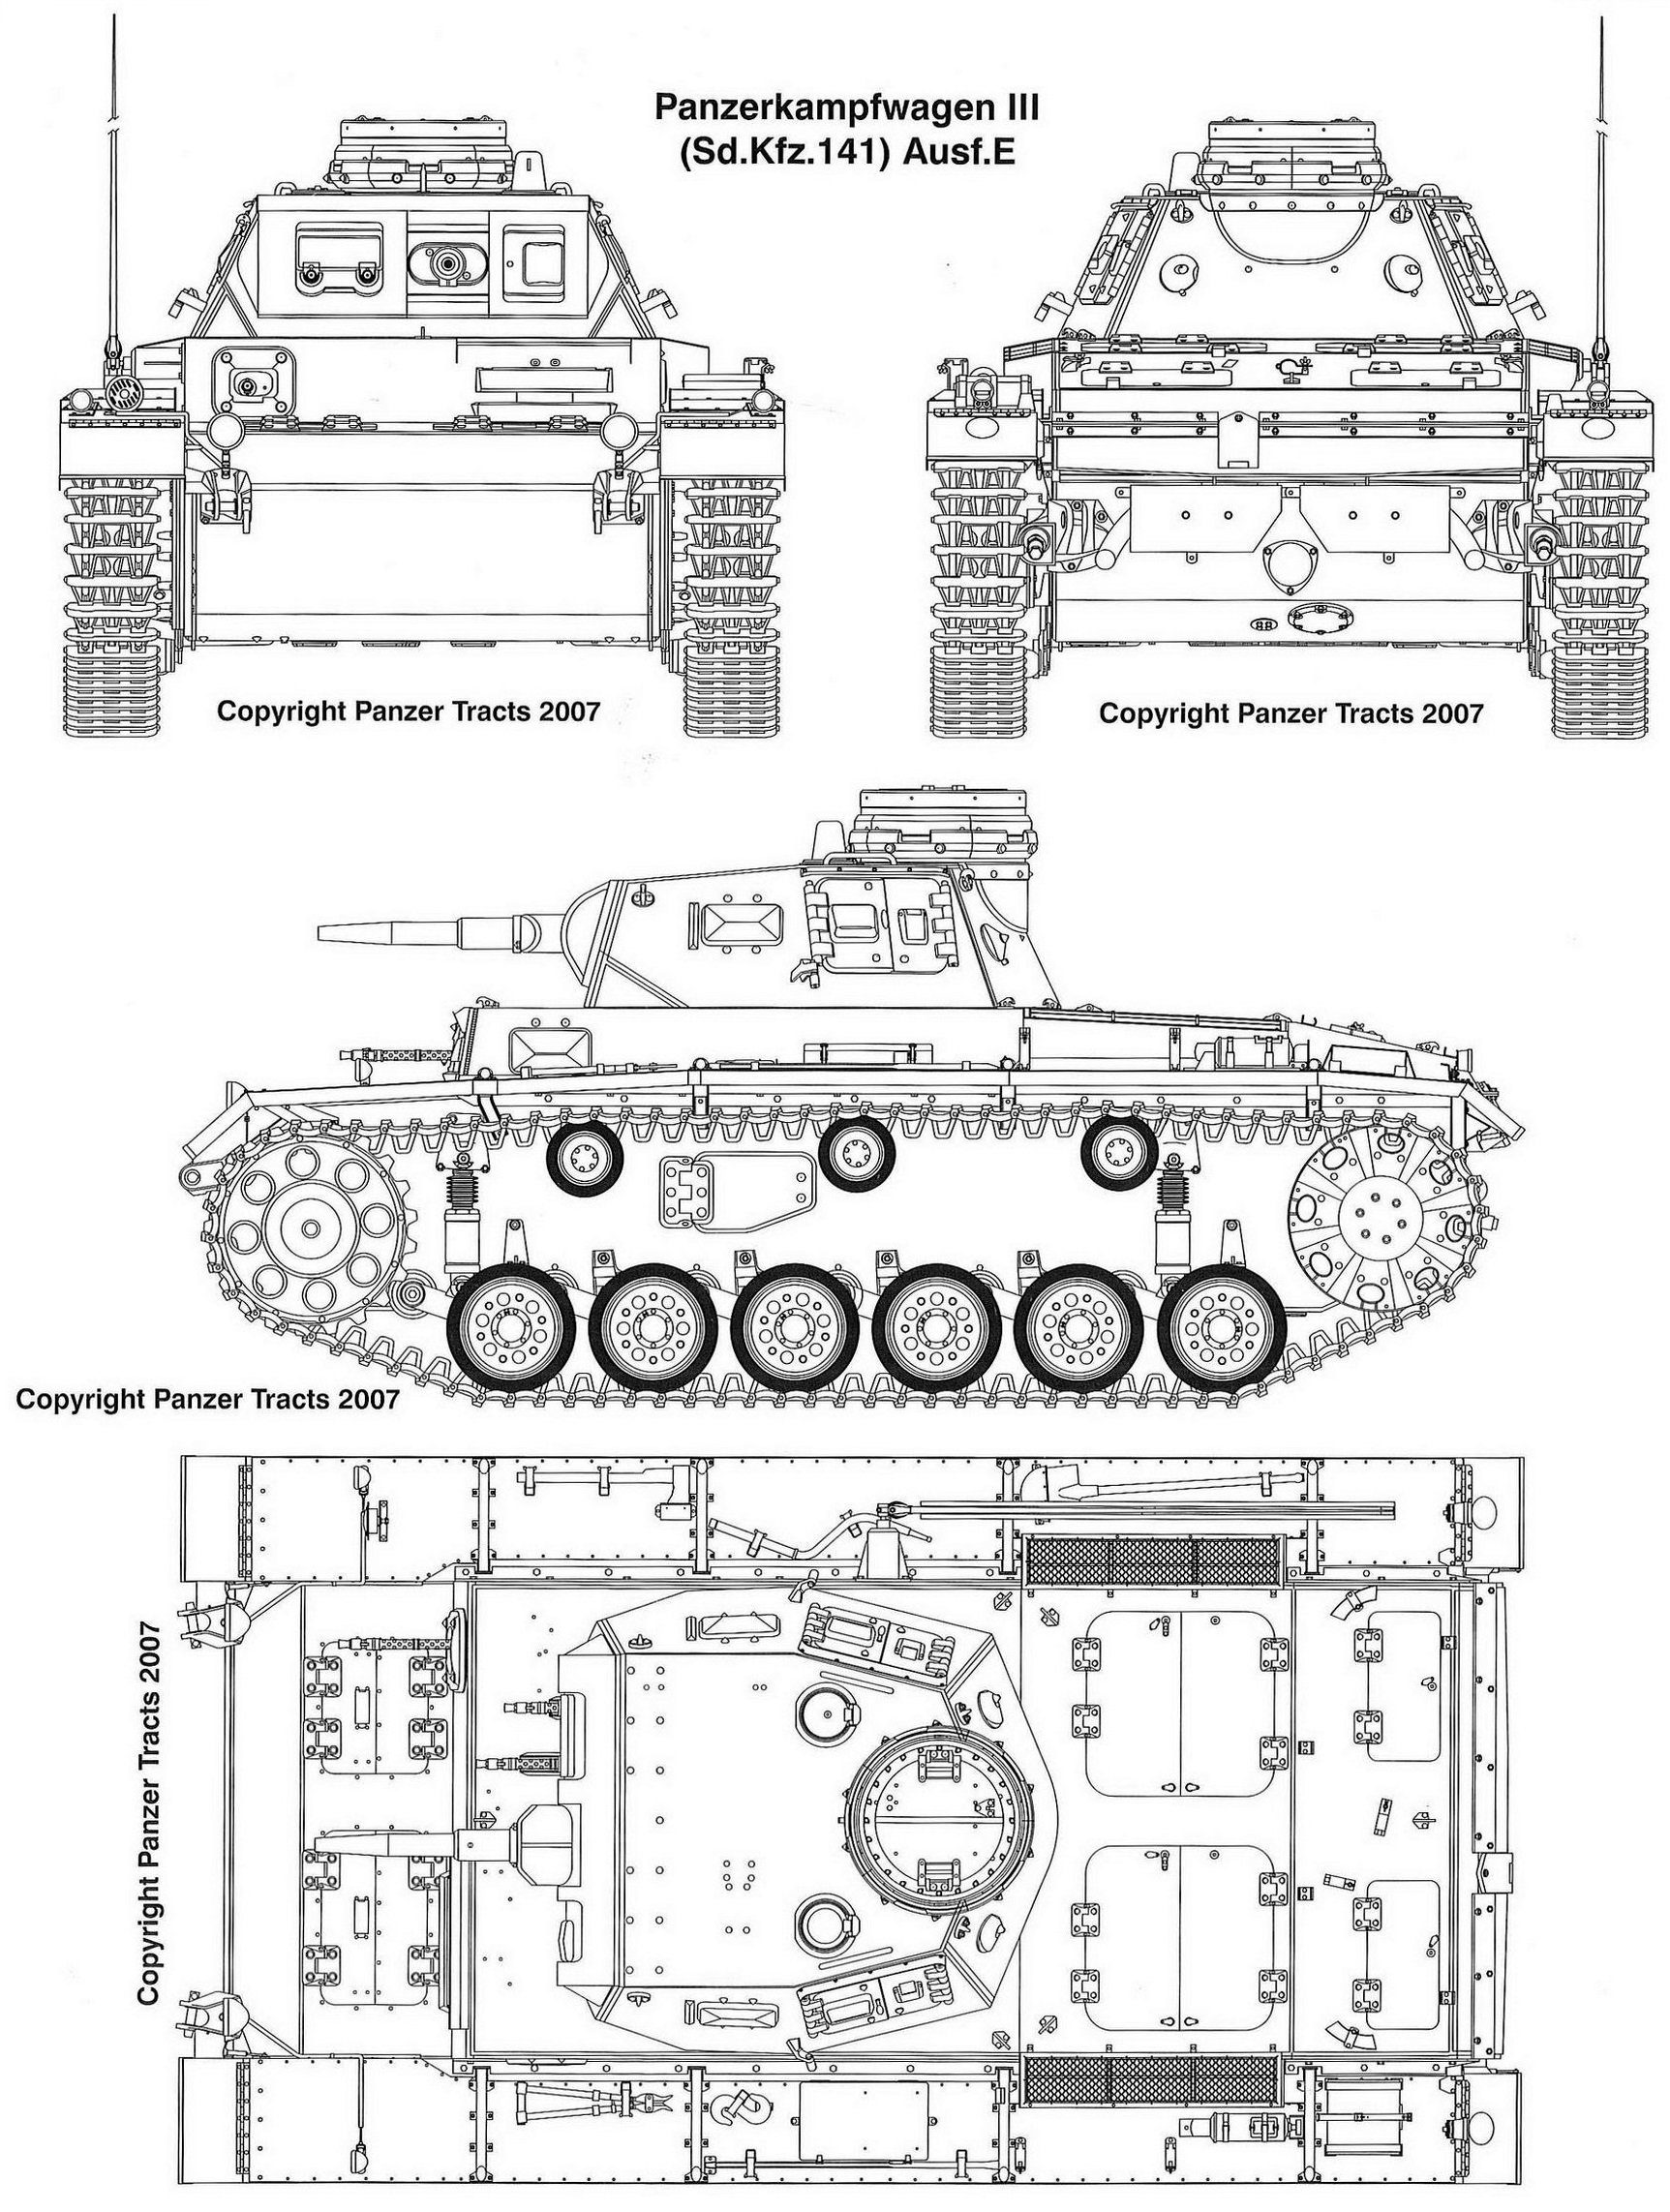 Panzerkampfwagen III Ausf. E